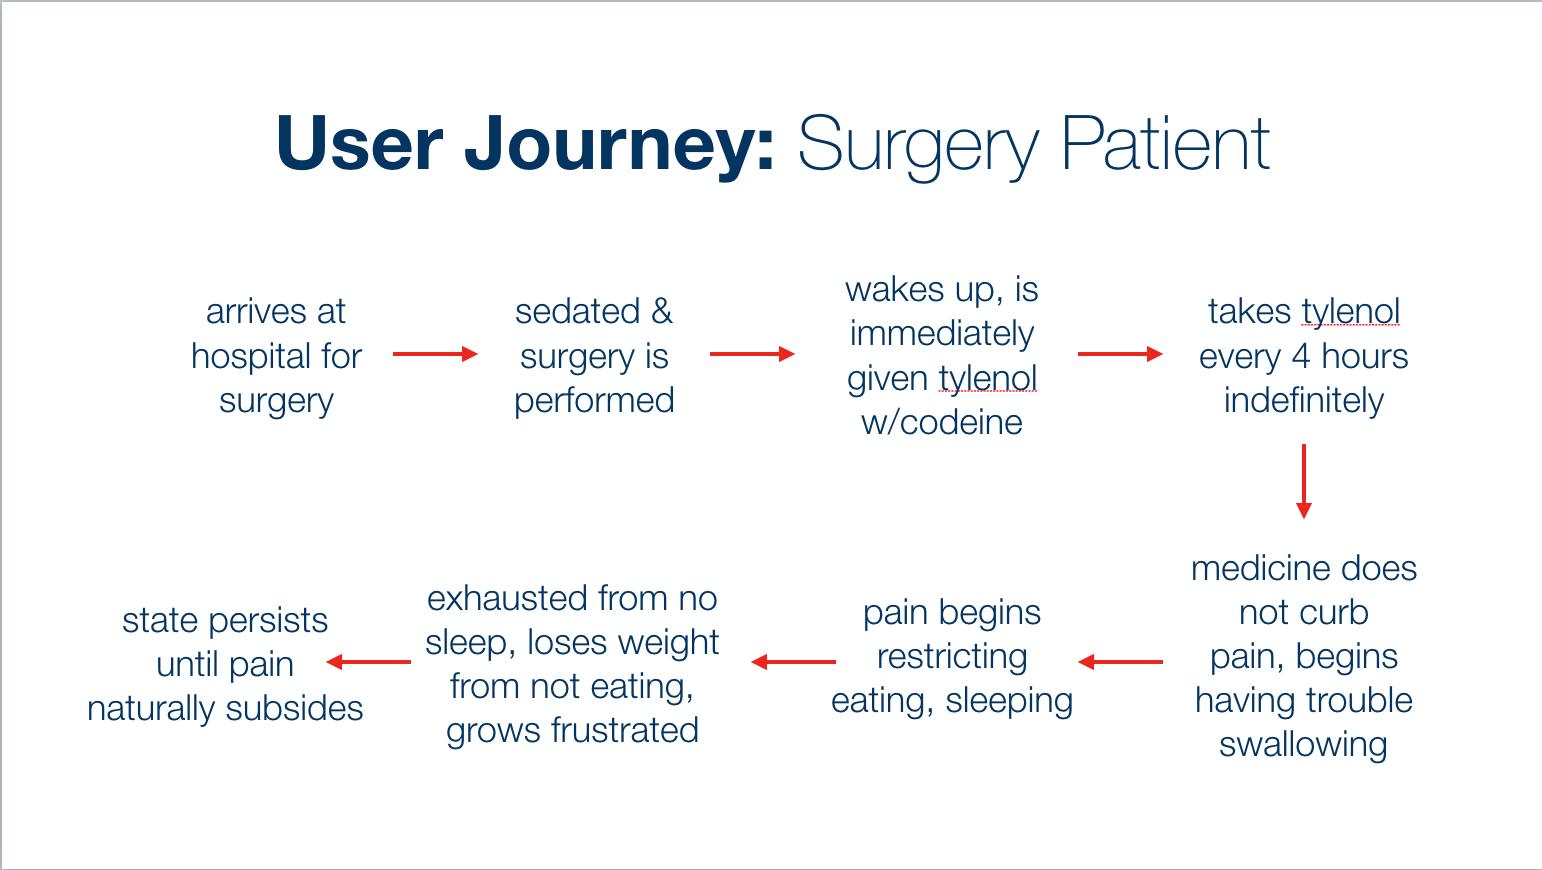 Surgery Patient User Journey.png